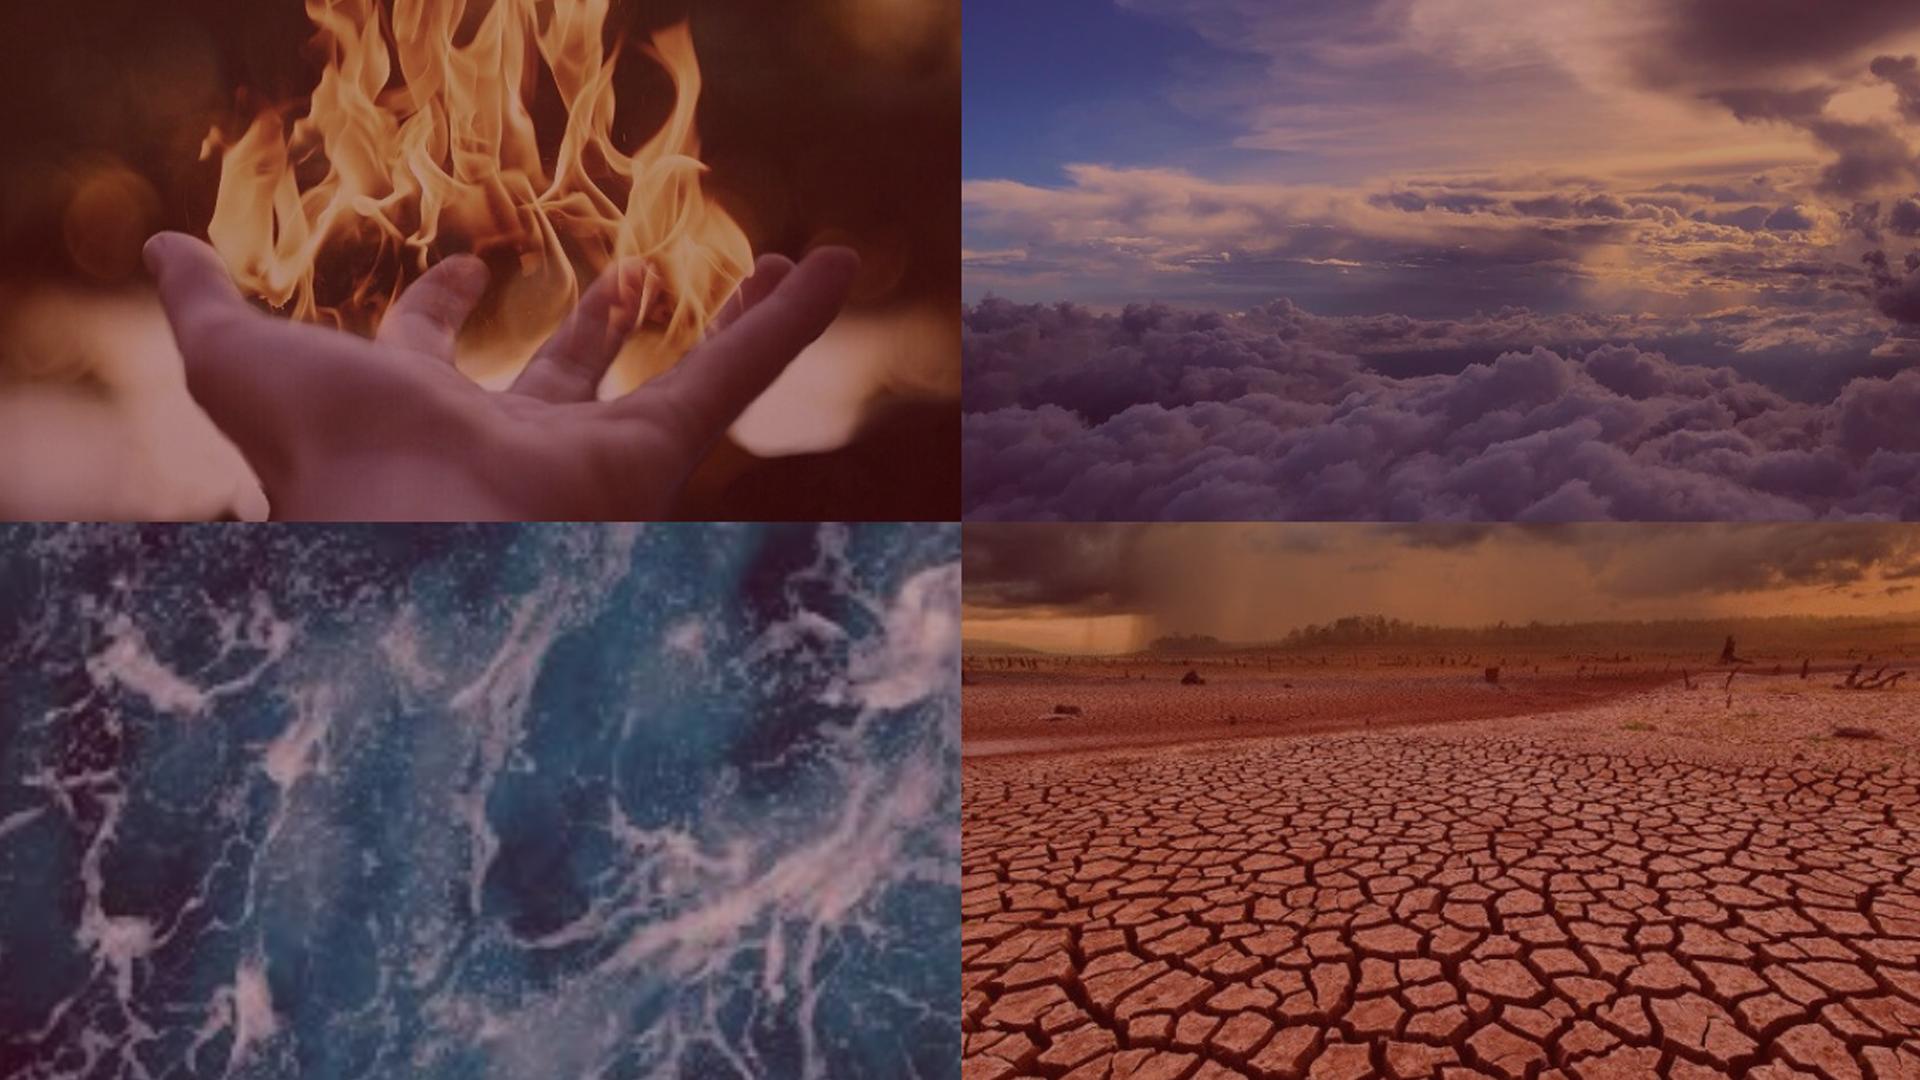 Les 4 éléments : Découvrez quels éléments vous êtes